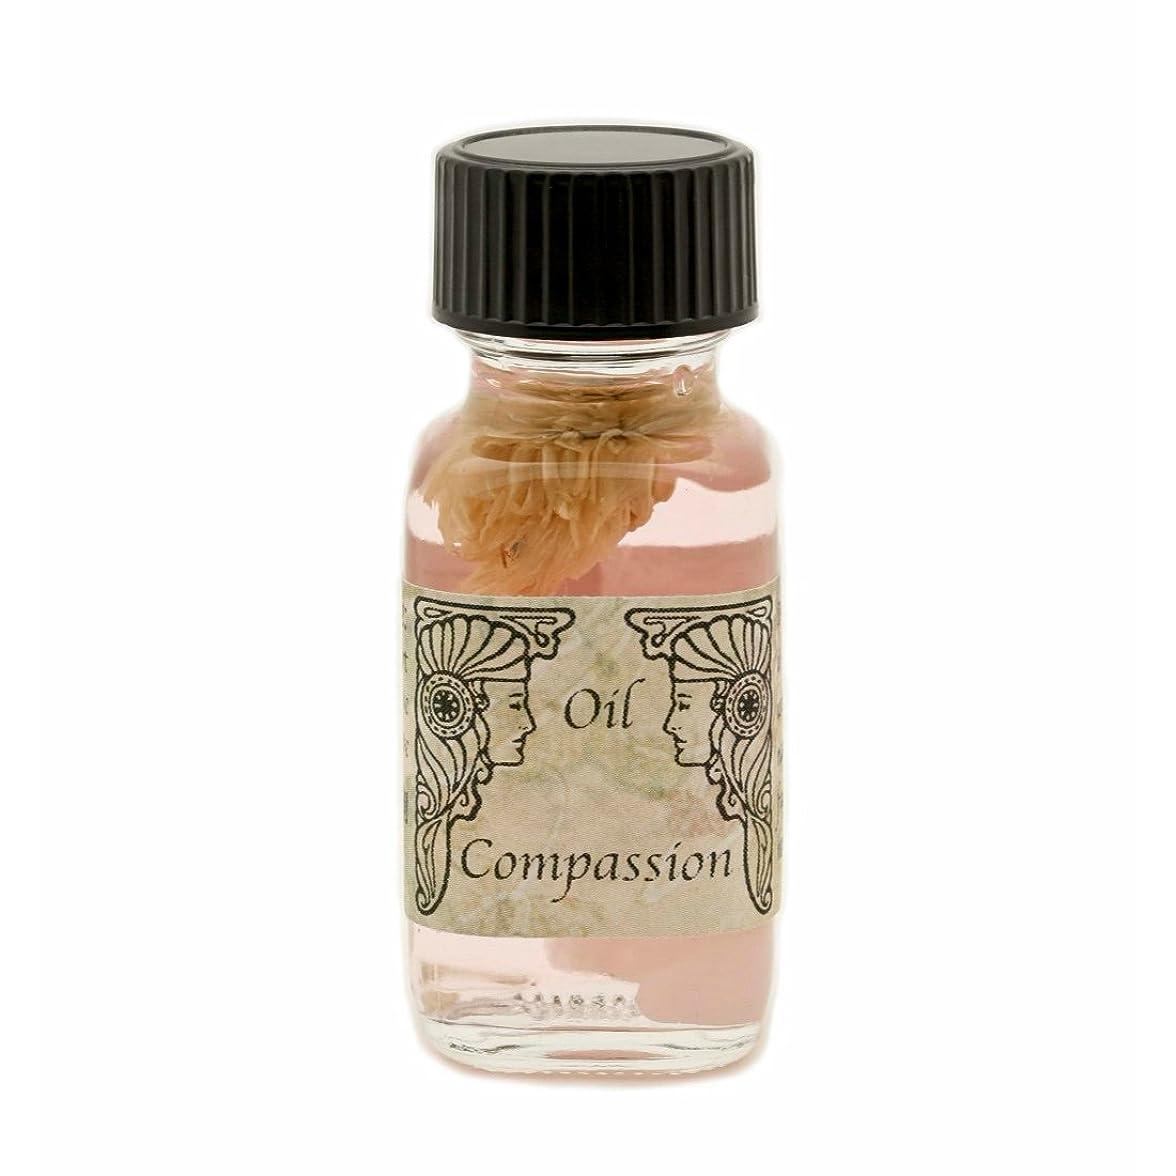 恩赦虚弱チェスアンシェントメモリーオイル コンパッション Compassion 思いやり 2017年新作 (Ancient Memory Oils)